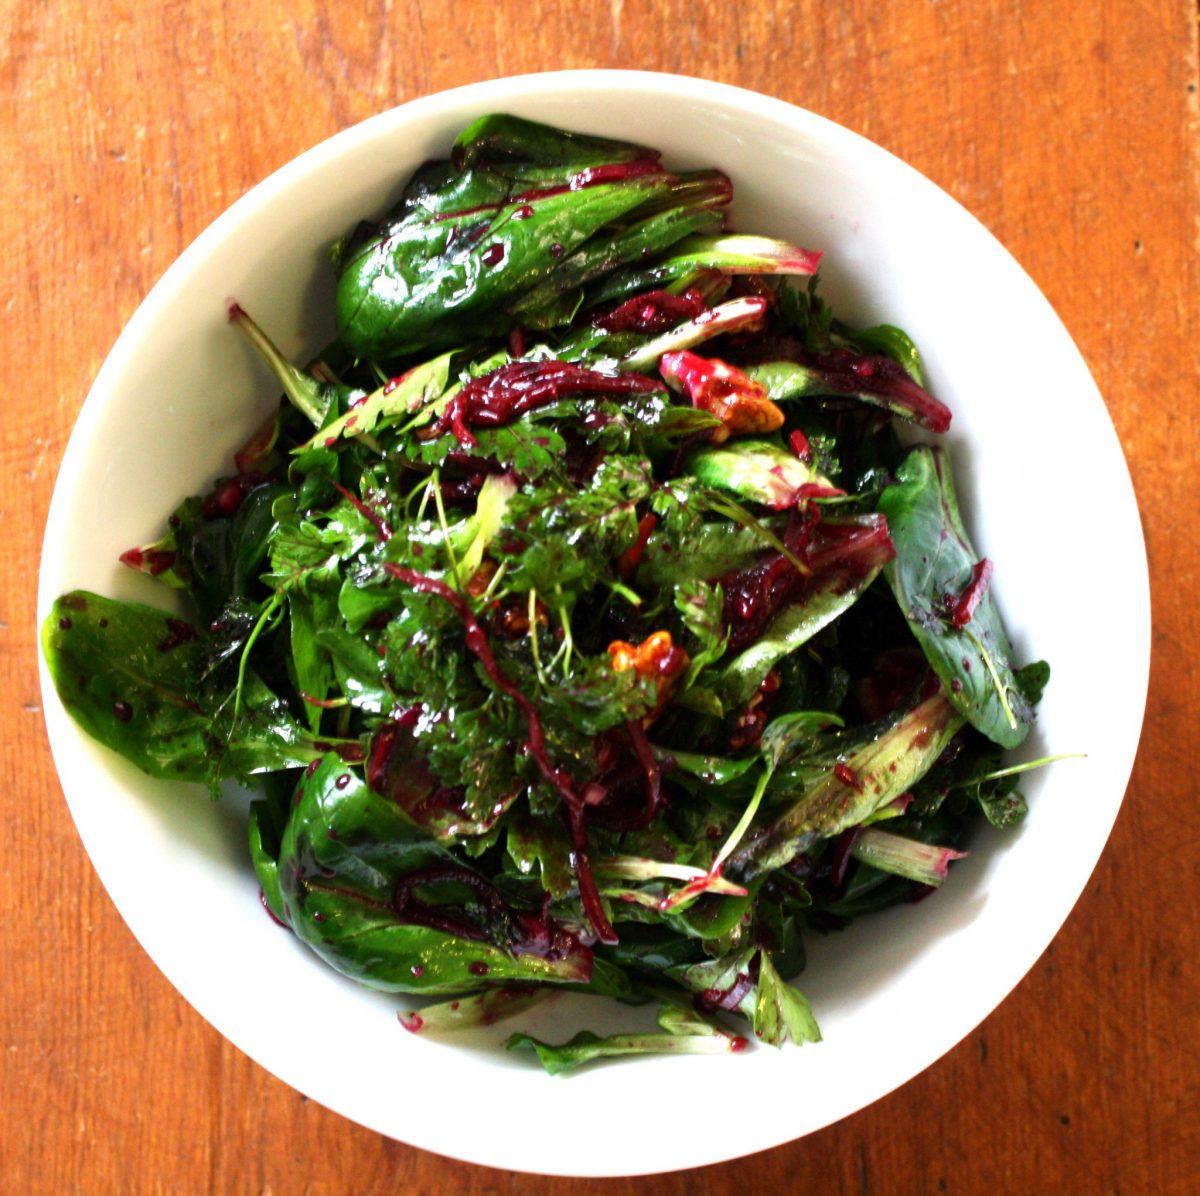 la salade de bl betterave rouge ferment e itin raire bis gourmand. Black Bedroom Furniture Sets. Home Design Ideas